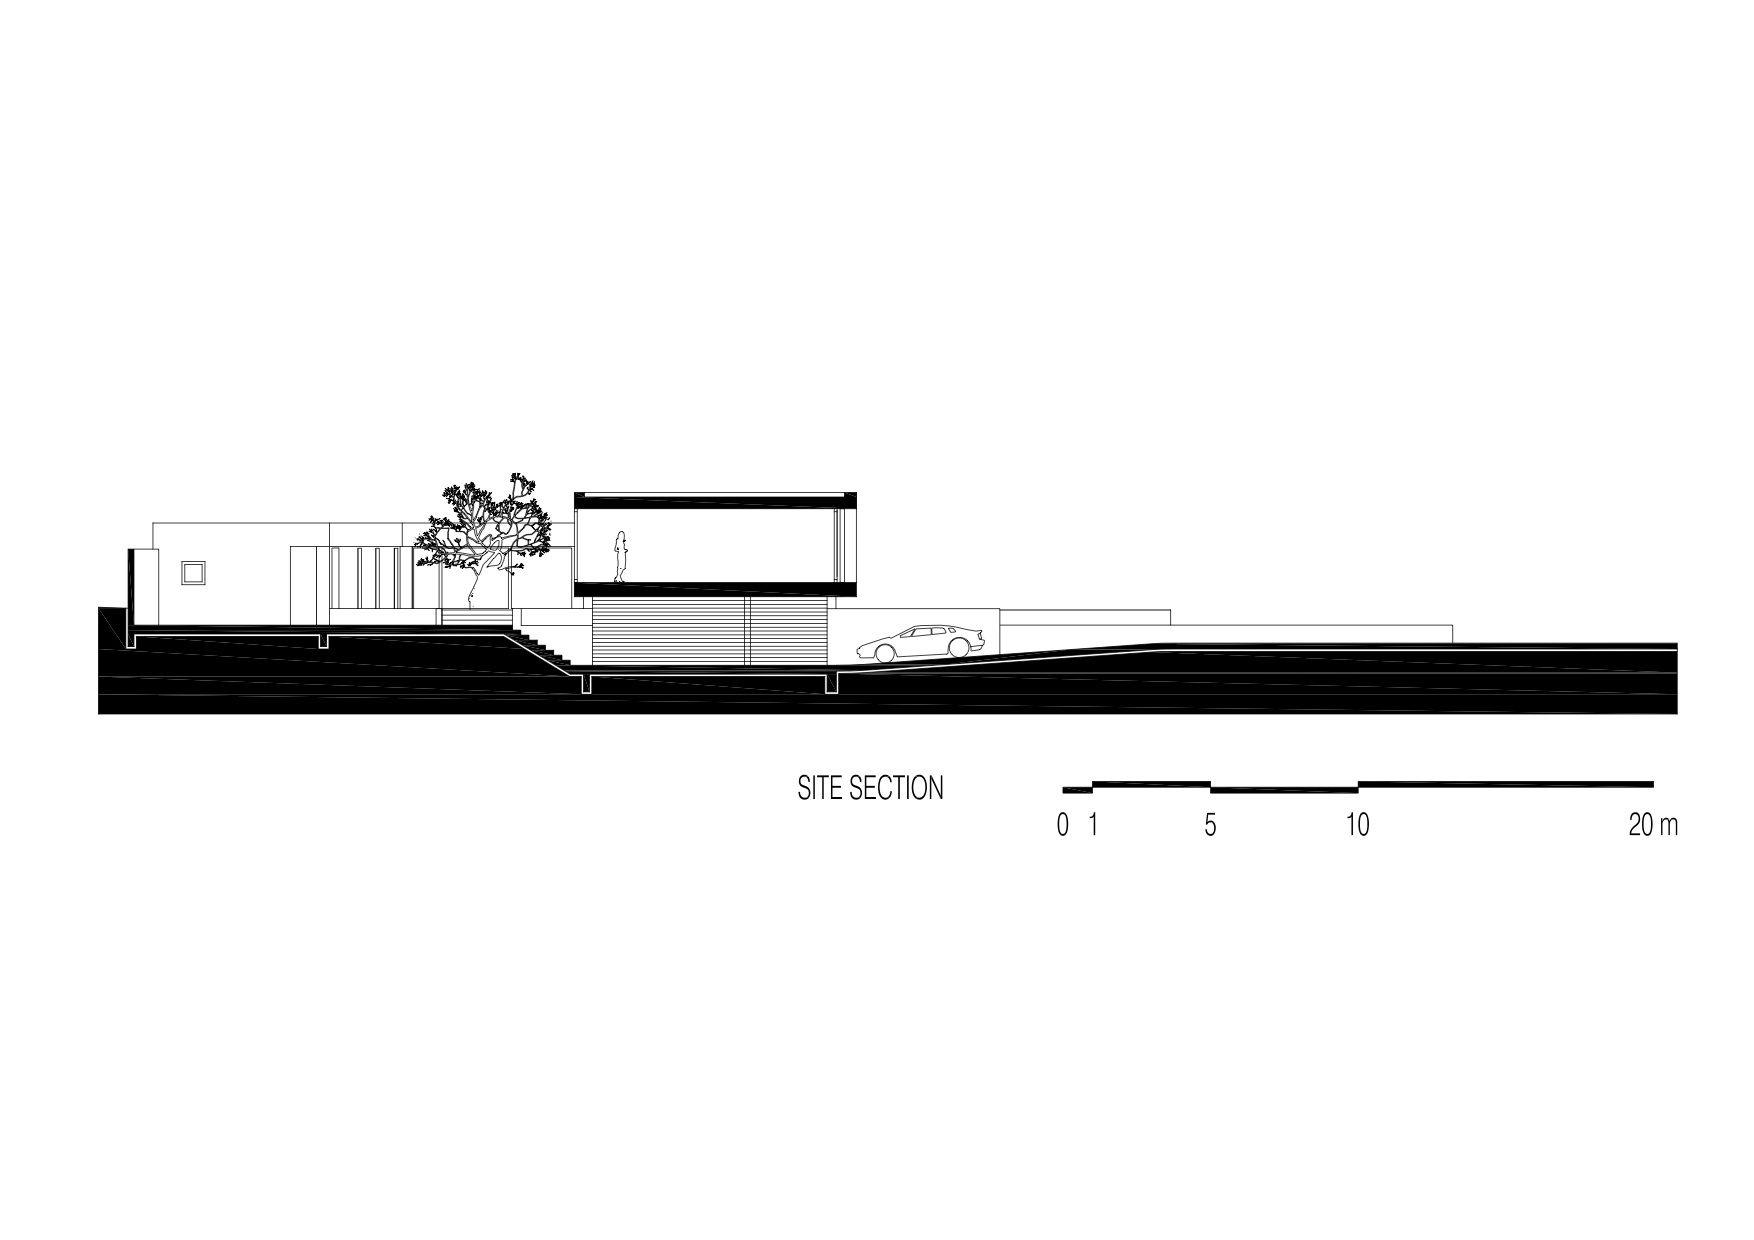 C house plans A42